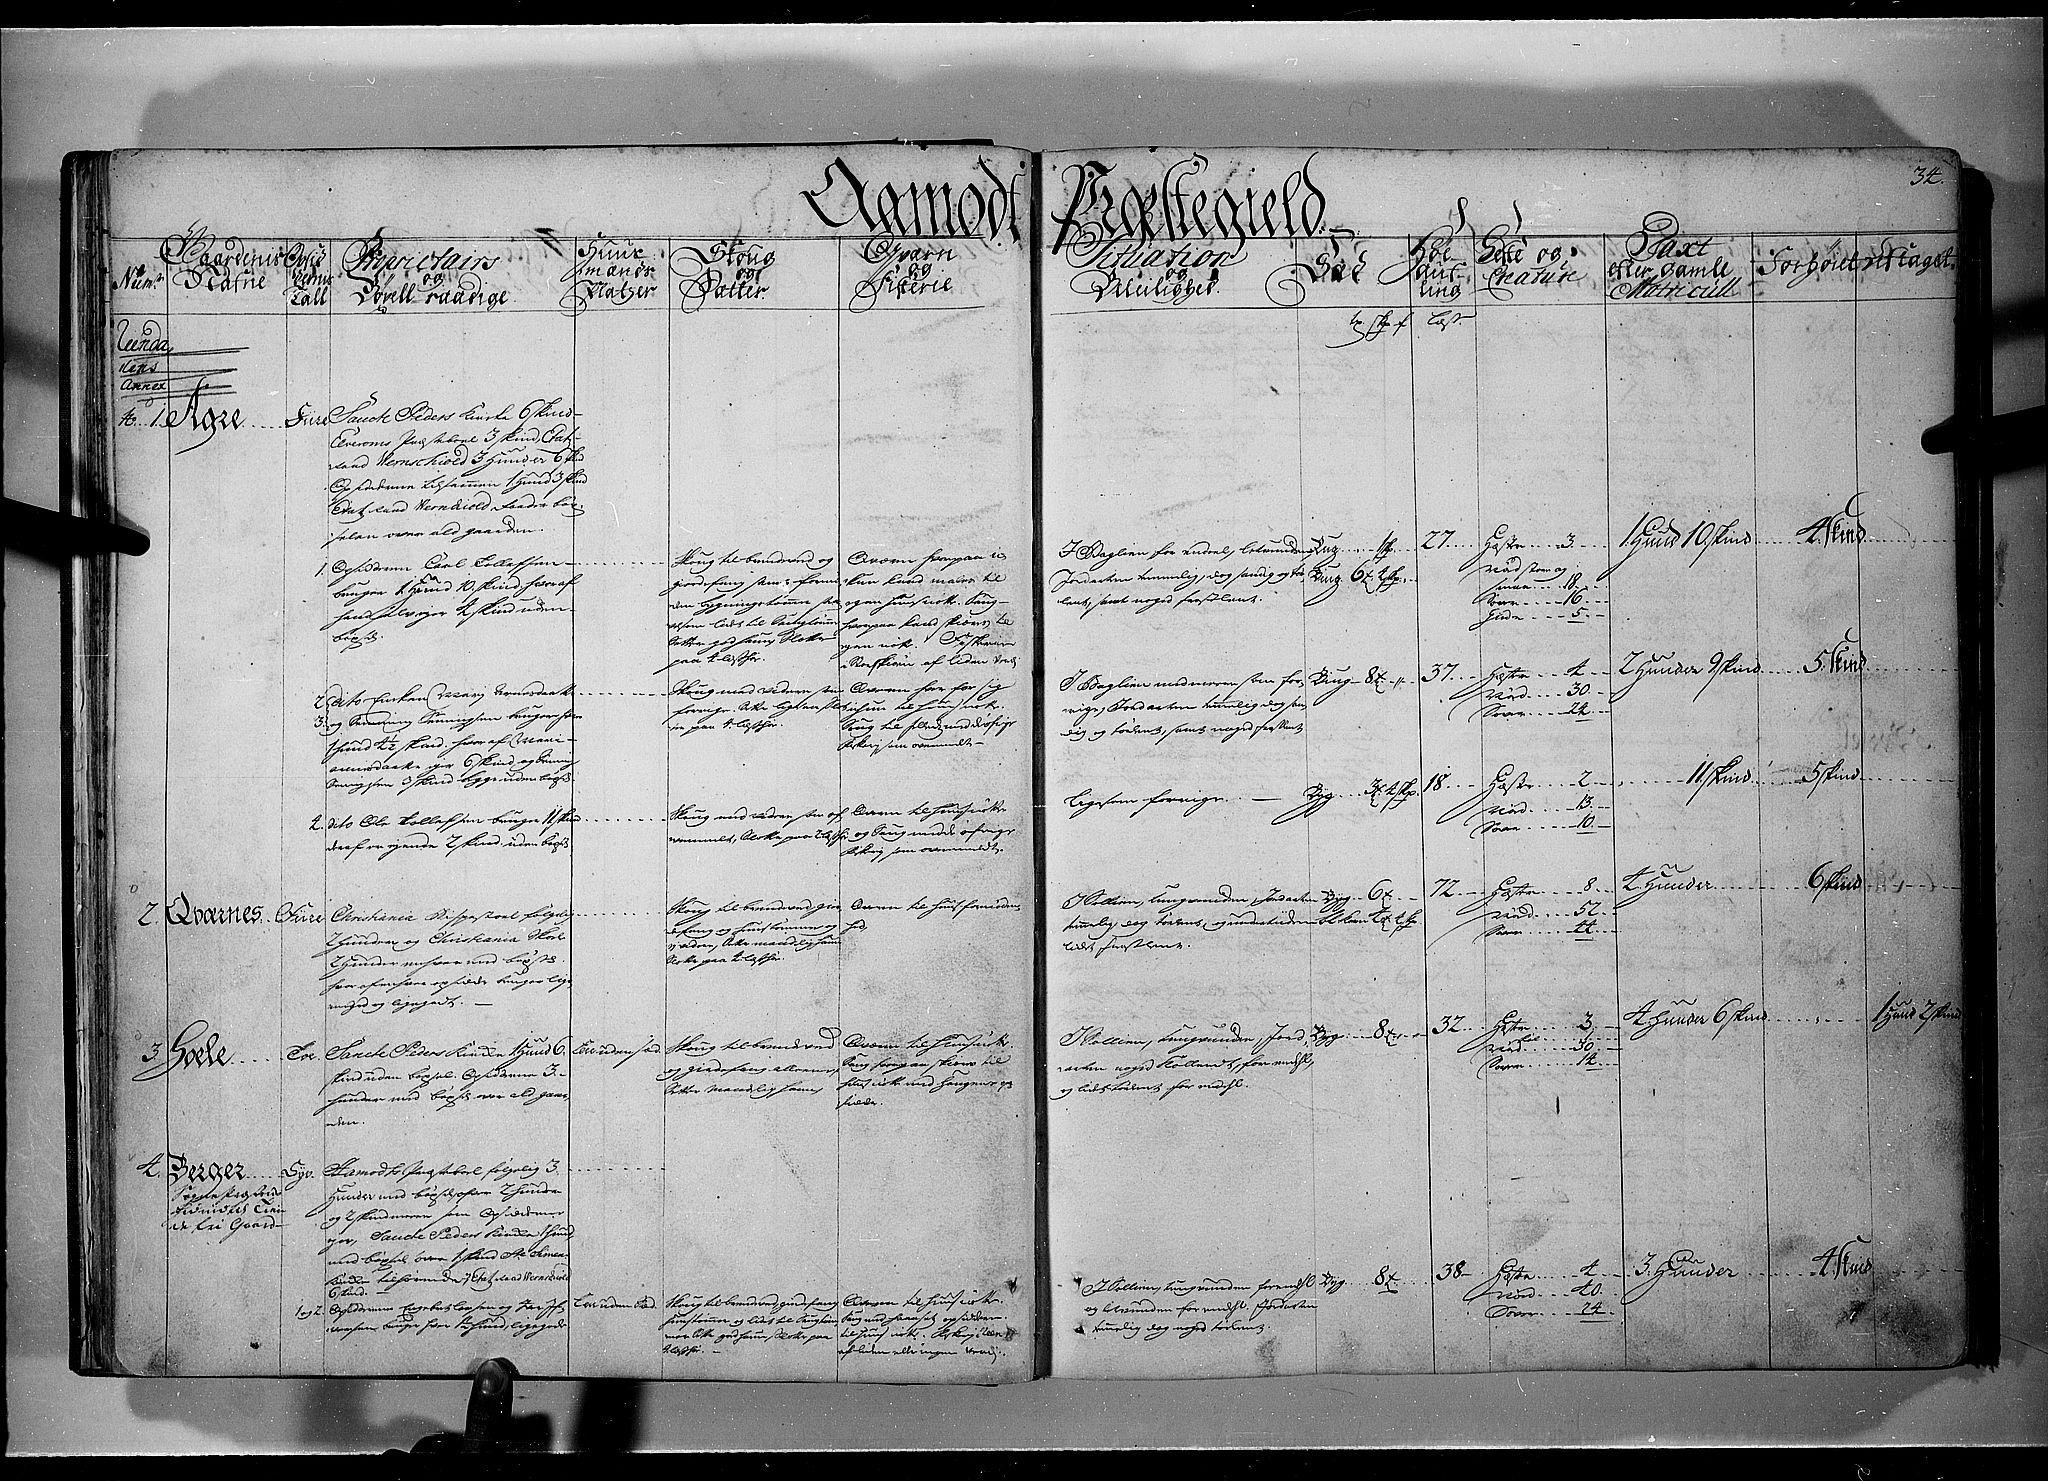 RA, Rentekammeret inntil 1814, Realistisk ordnet avdeling, N/Nb/Nbf/L0101: Solør, Østerdalen og Odal eksaminasjonsprotokoll, 1723, s. 33b-34a